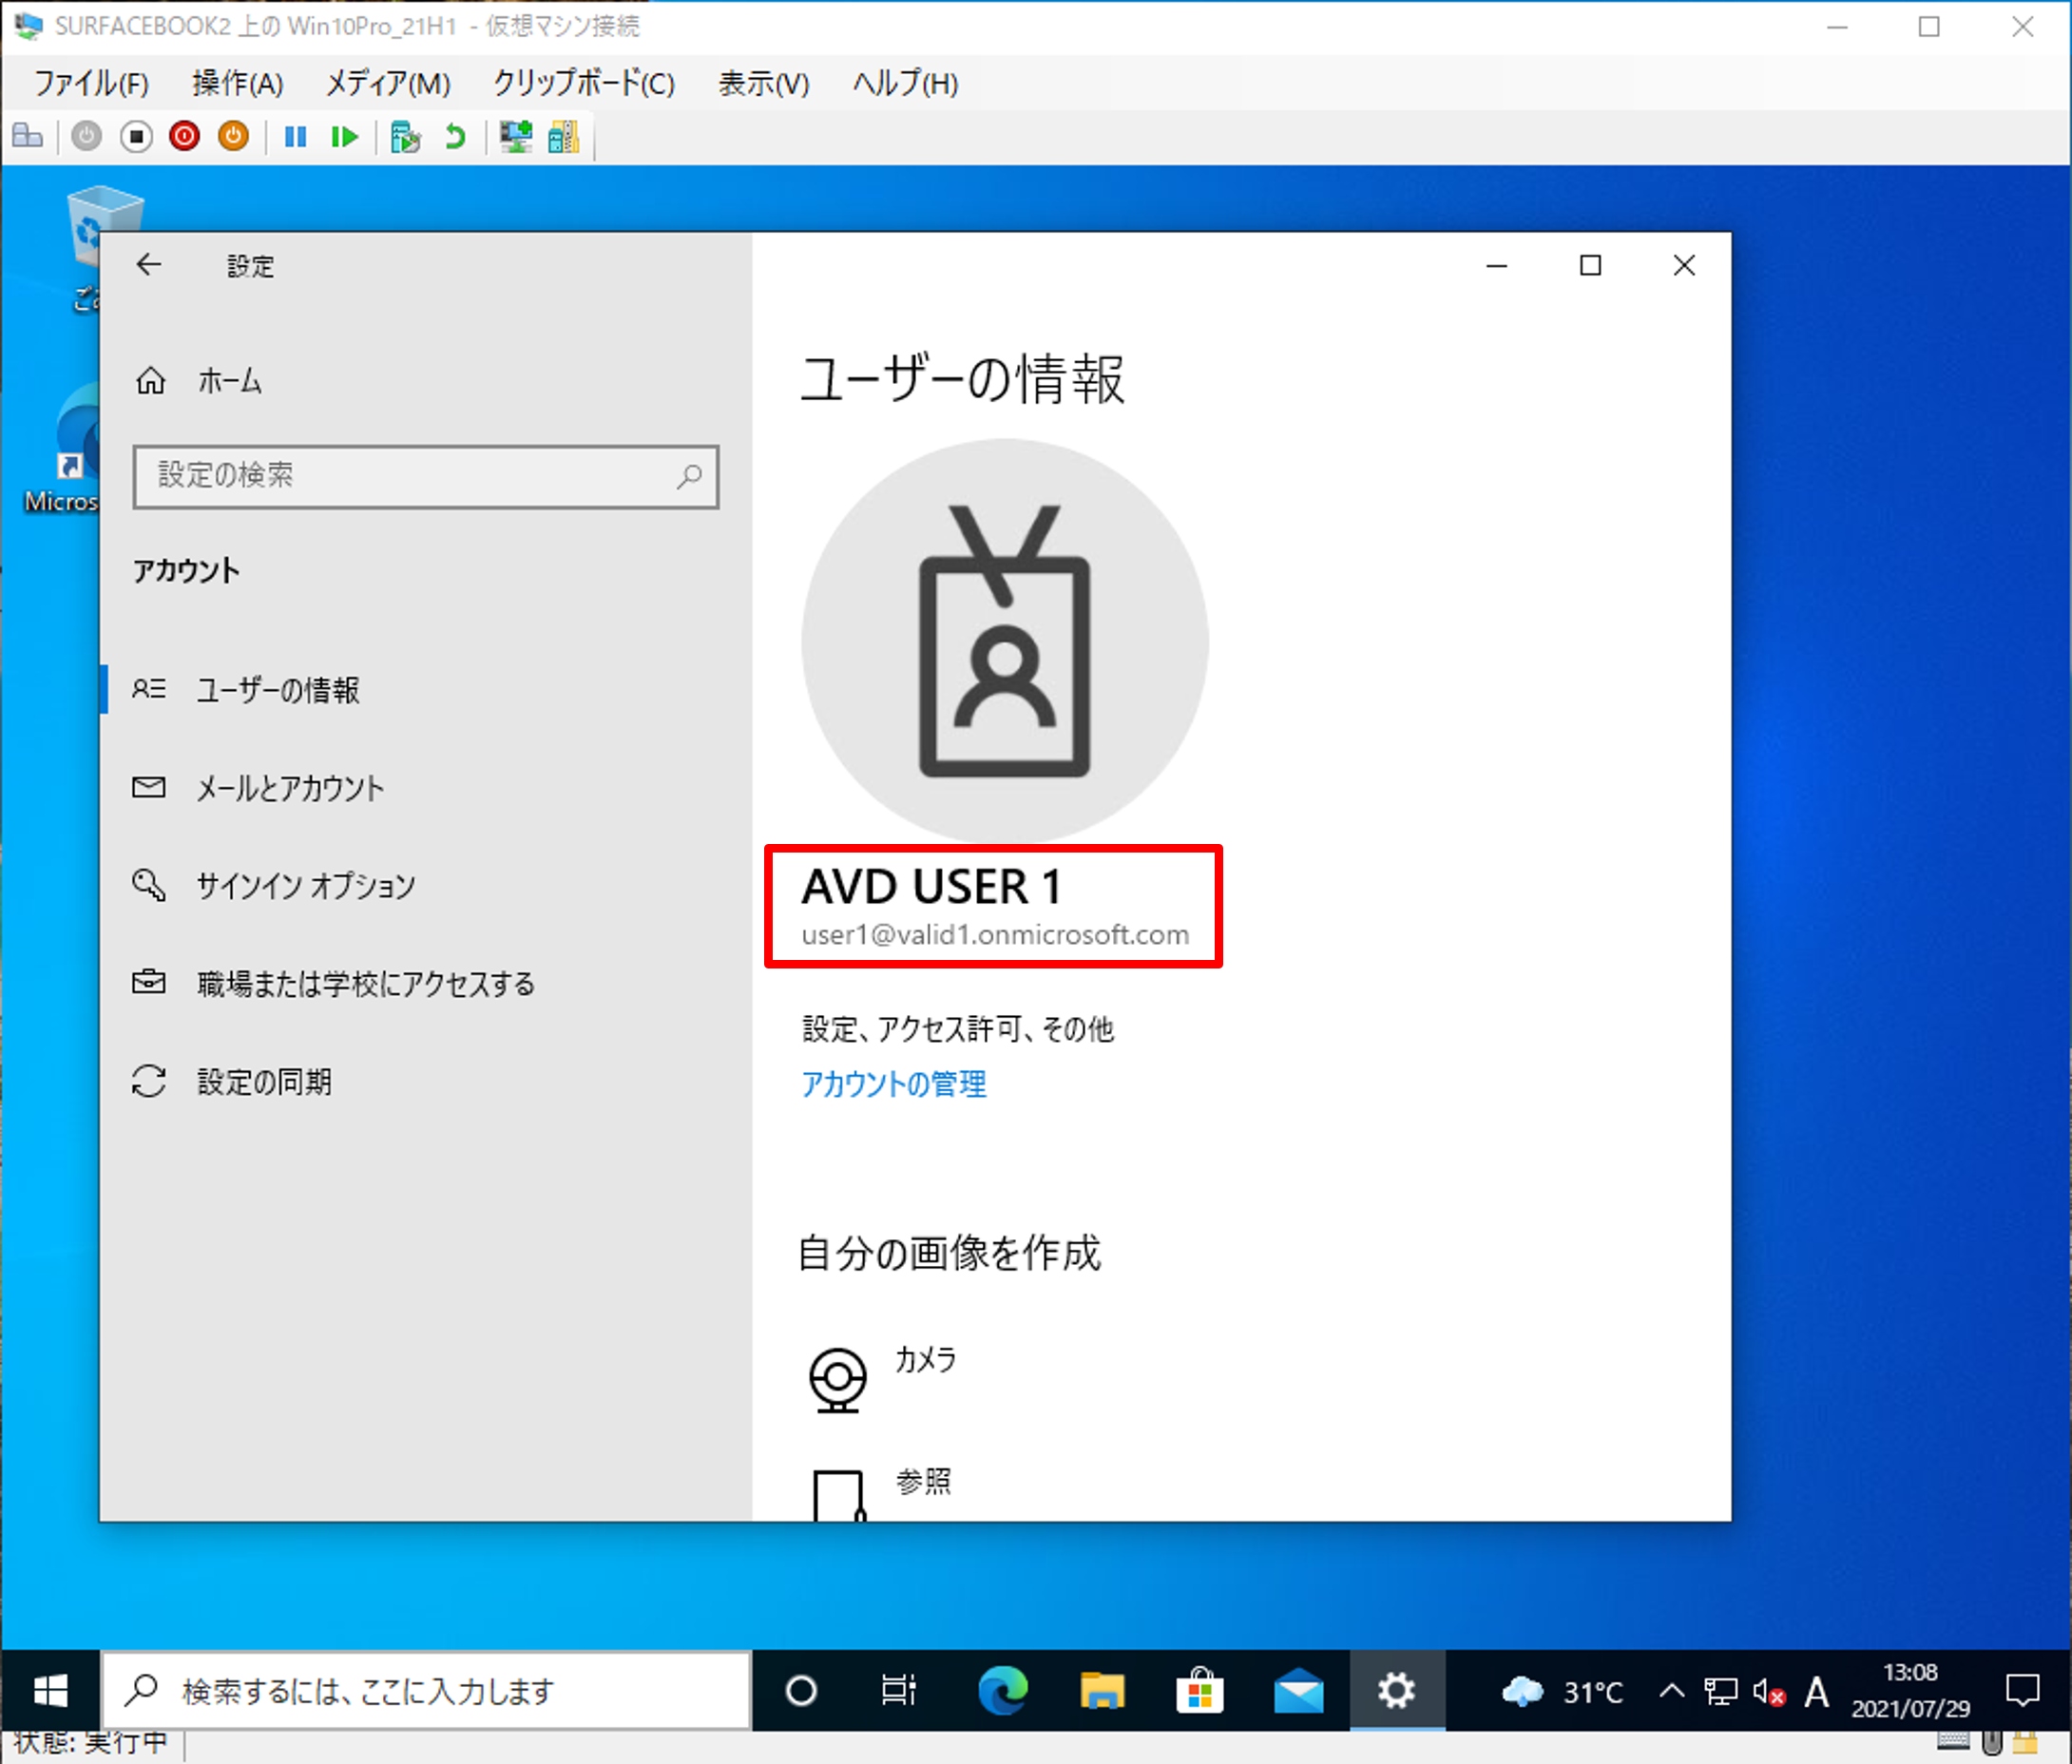 画像13_AADユーザーサインイン.png